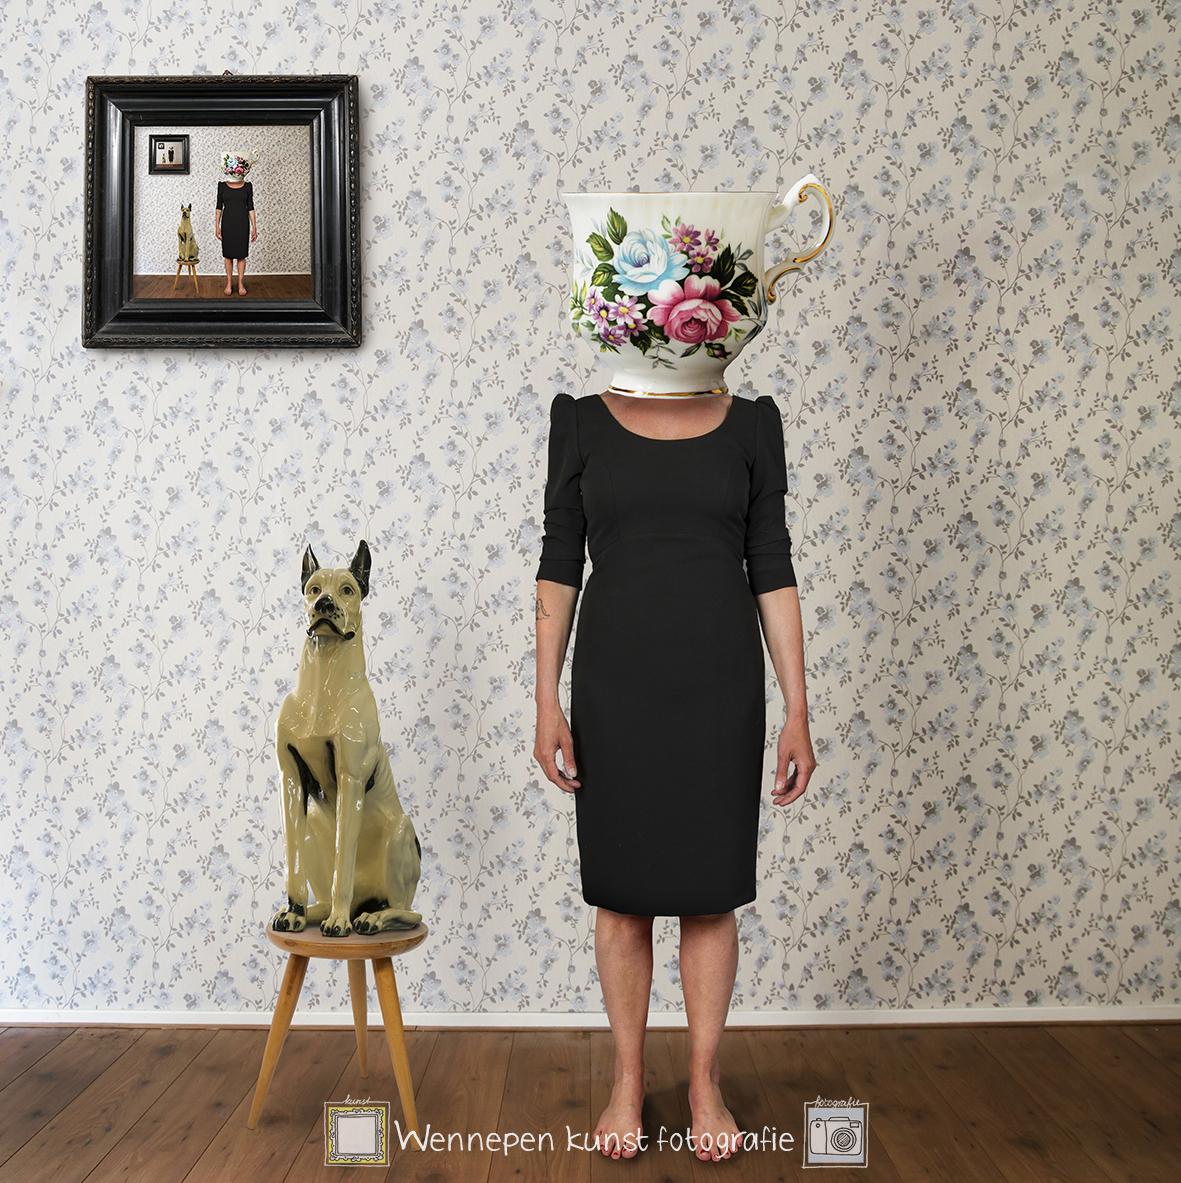 img_2381aagroter2metkopje-en-hondsblokfoto